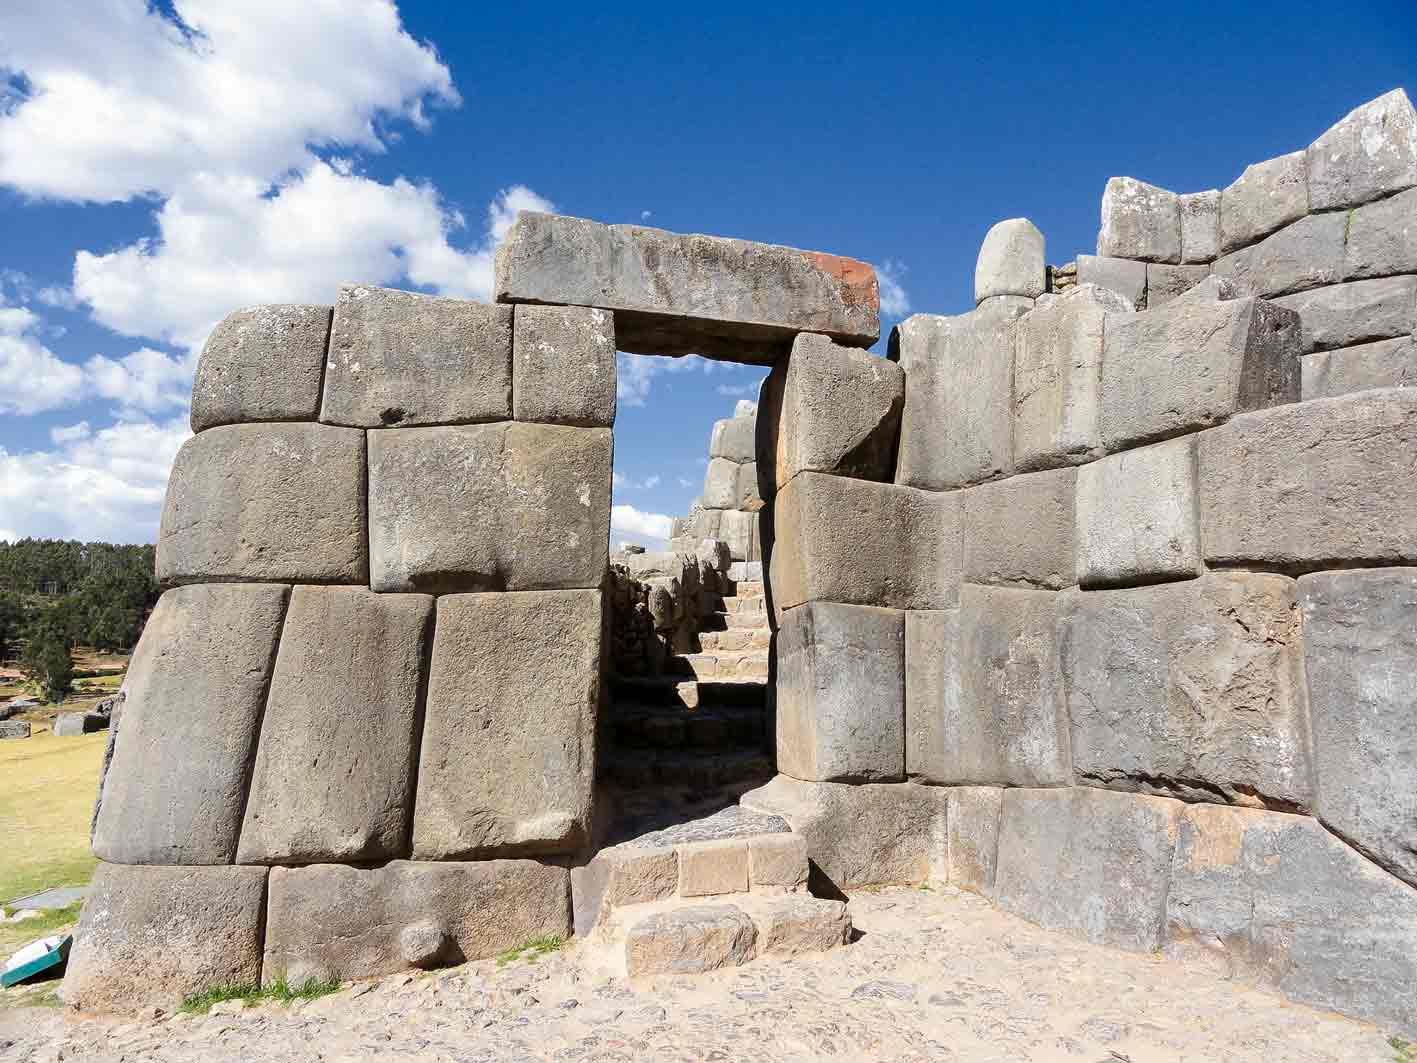 Die Inkas bauten trapezförmige Fenster und Türen. Im Bild die Inka-Stätte Saqsayhuamán bei Cuzco.